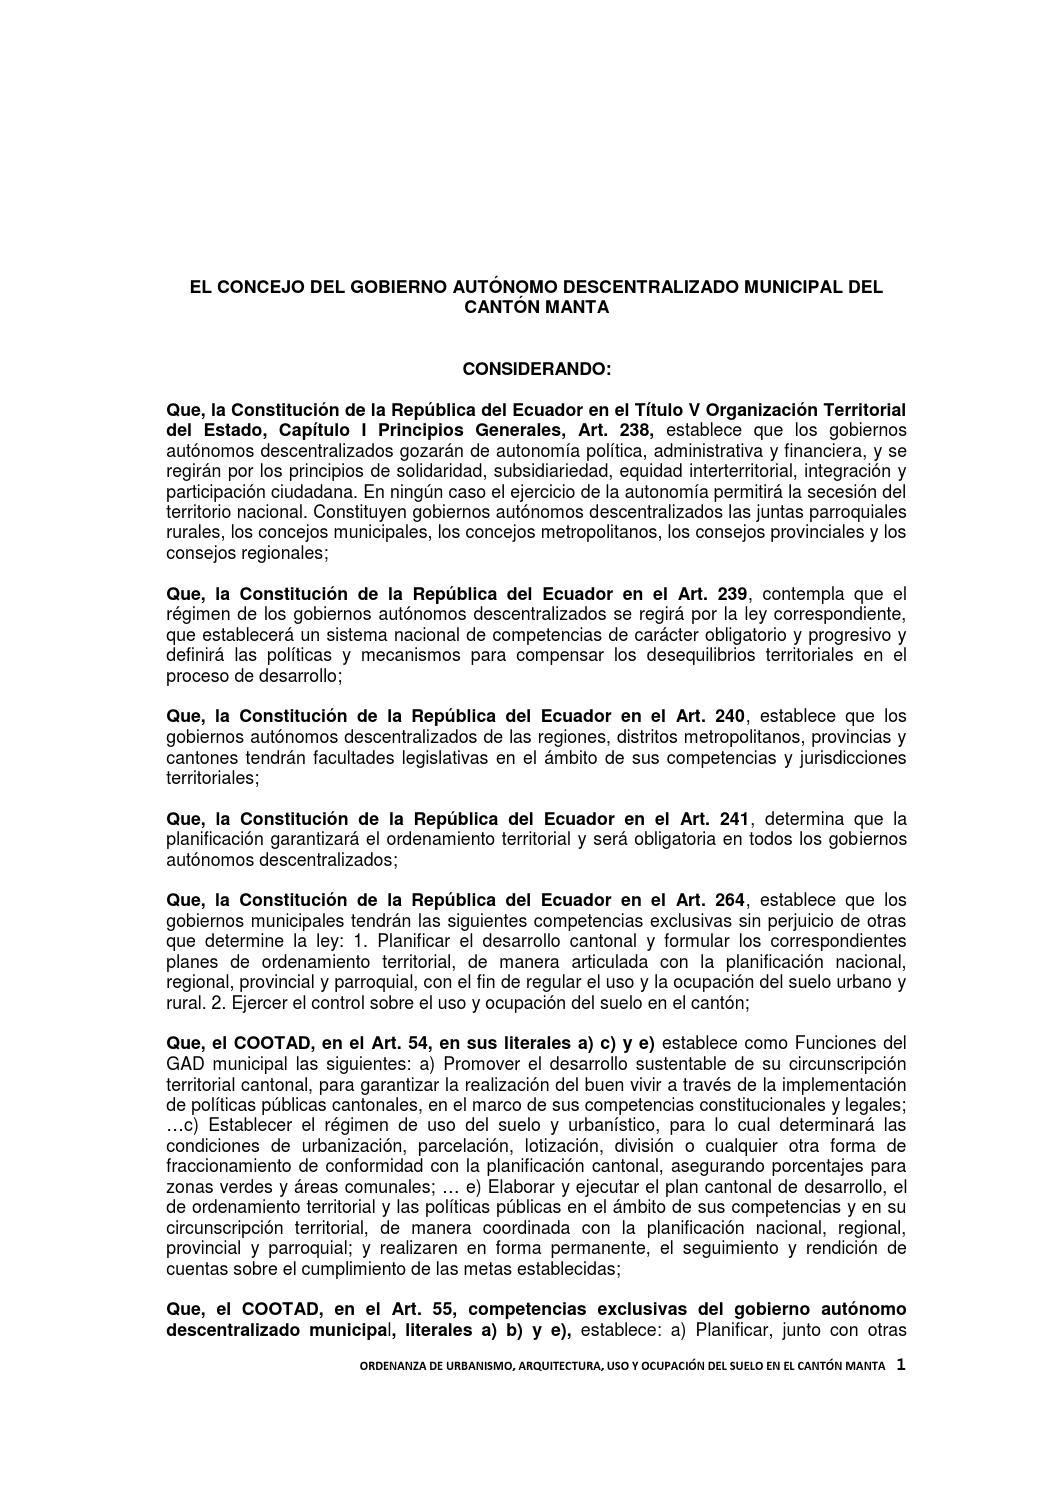 Ordenanza normas de urbanismo y arquitectura by ccpd manta - Permisos para construir una casa ...